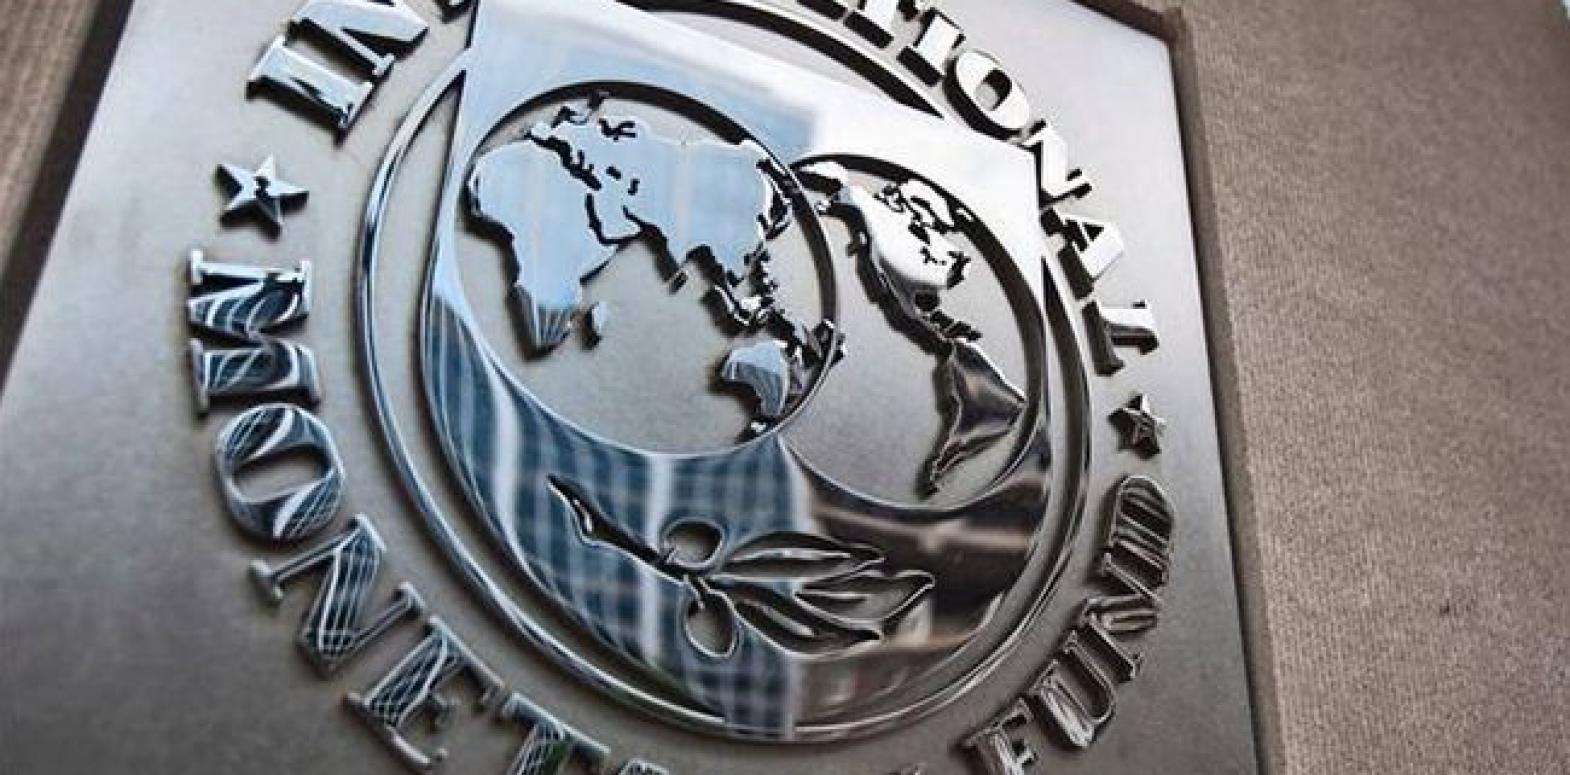 Глава Совета НБУ оценил влияние отставки Лагард на сотрудничество с МВФ